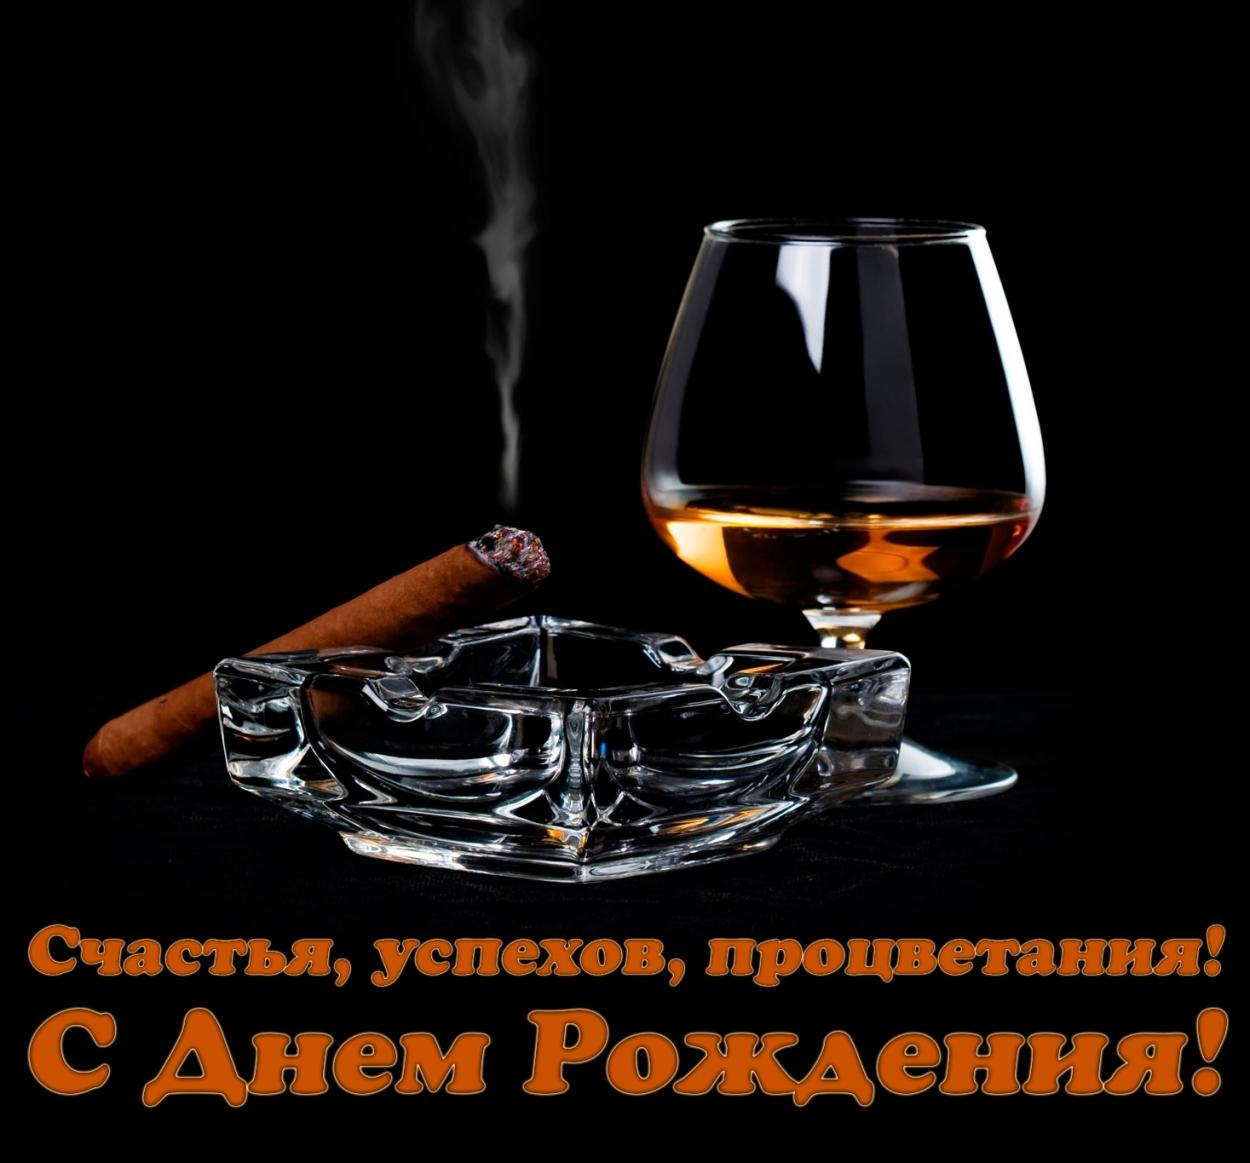 http://s6.uploads.ru/V0BqX.jpg